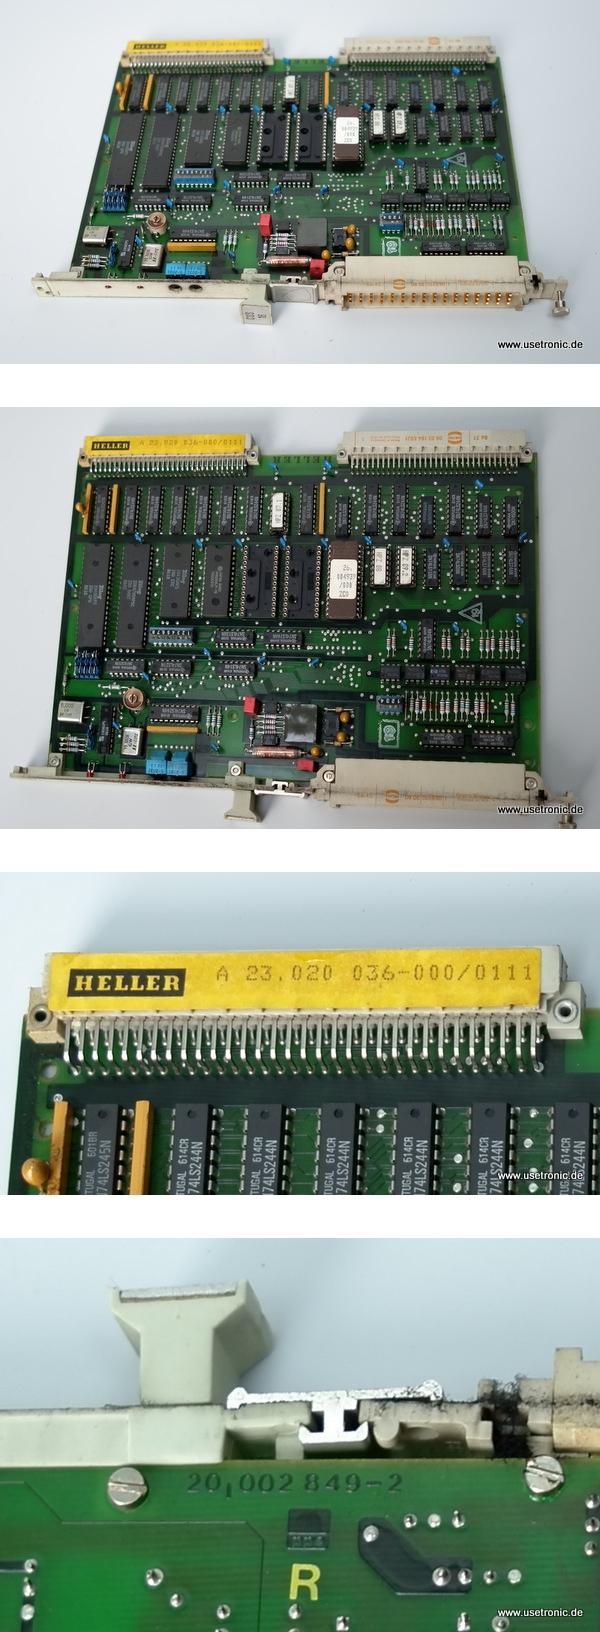 Heller A 23.020 036-000/0111